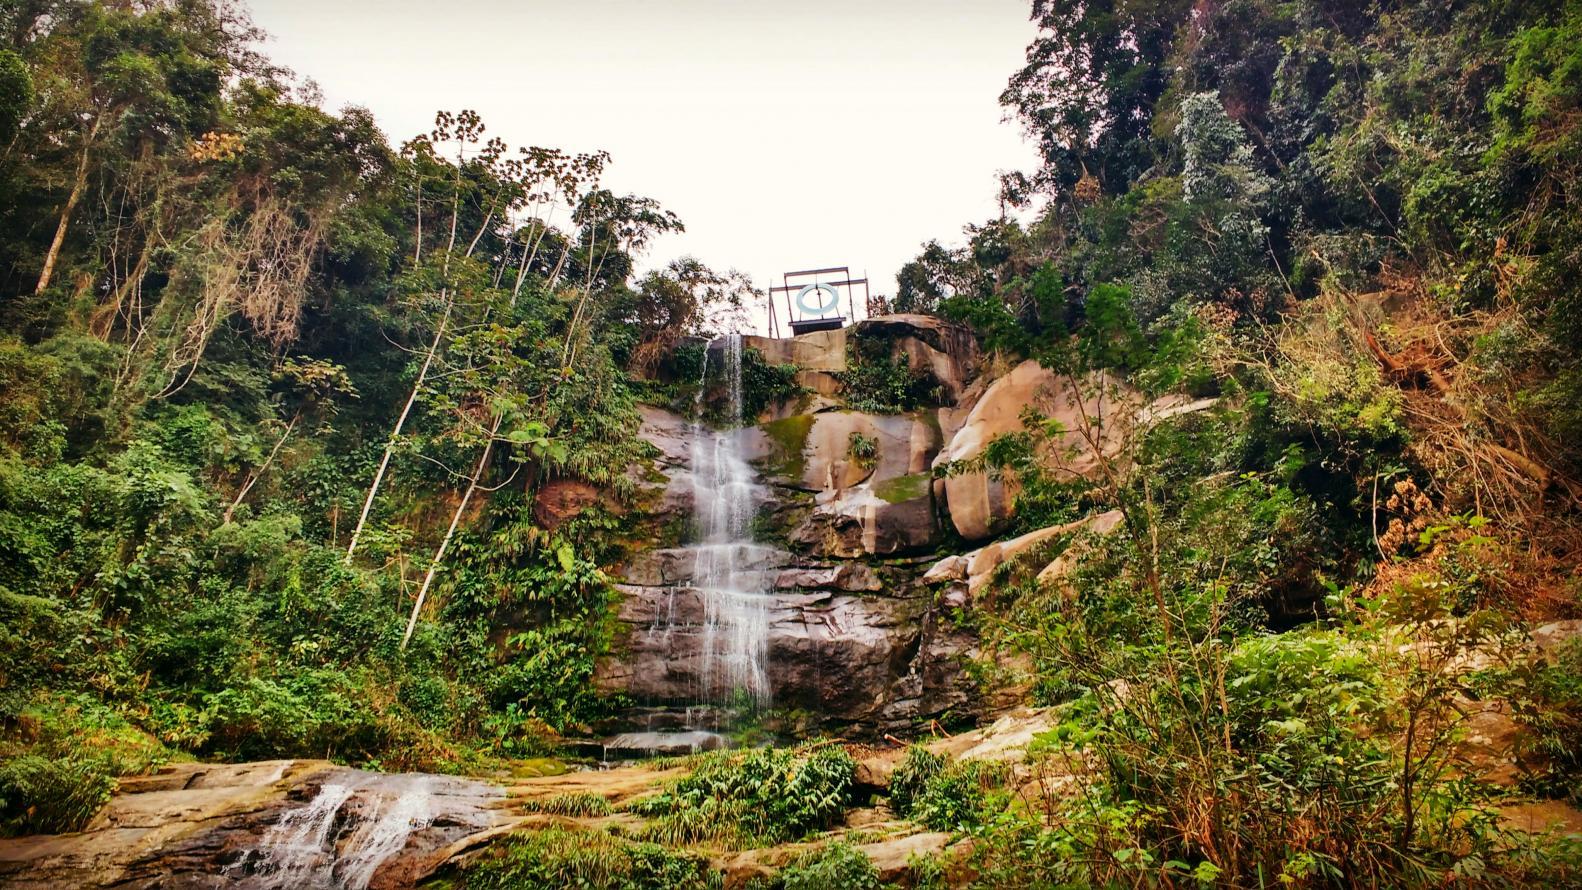 """Artista plástica Mariko Mori inaugura """"sexto anel olímpico"""" sobre cachoeira do Parque Estadual do Cunhambebe, em Mangaratiba"""